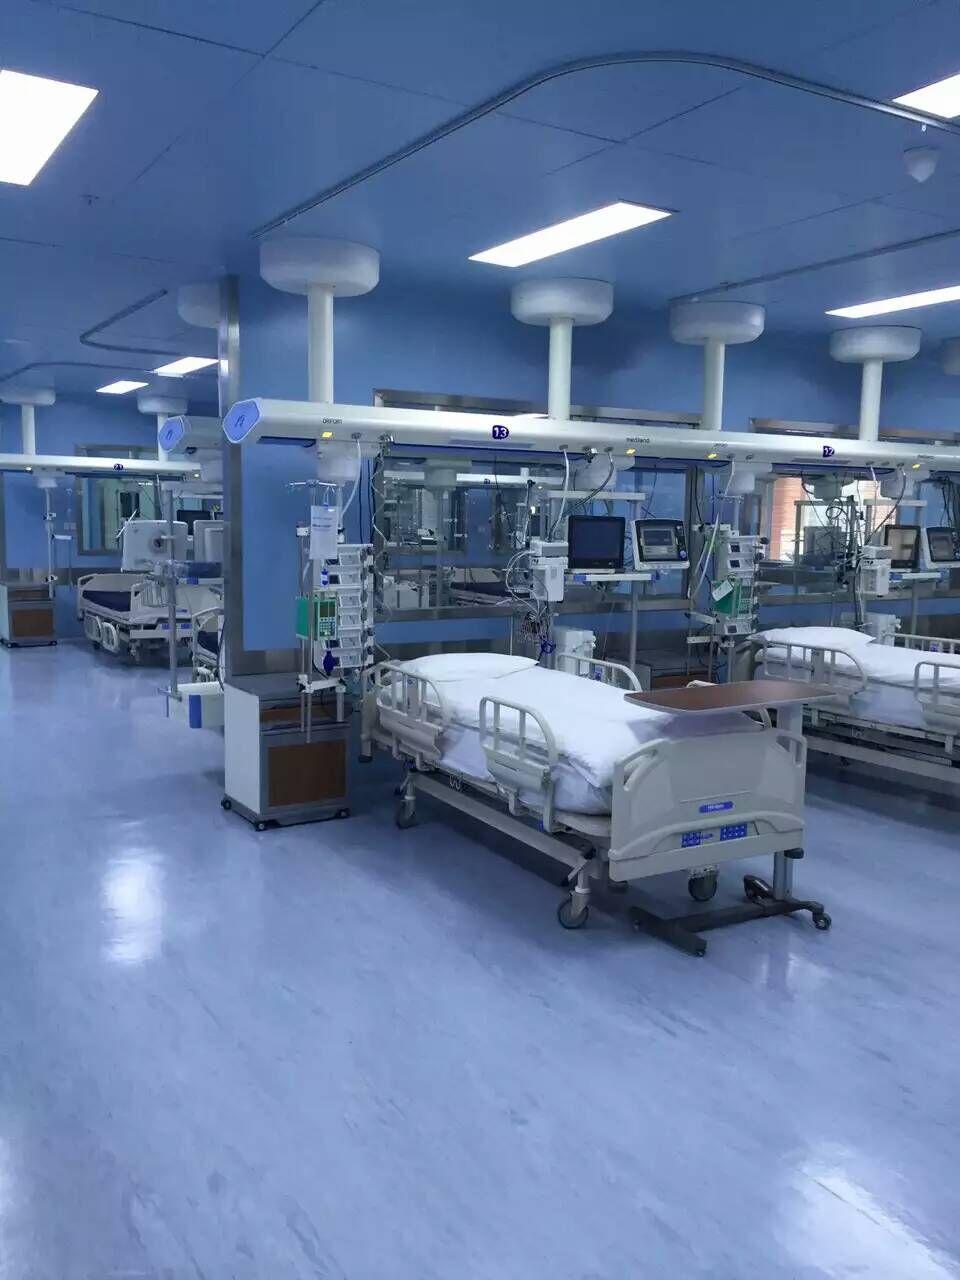 祝贺上海东方医院吉安医院顺利通过验收我司LED面板灯